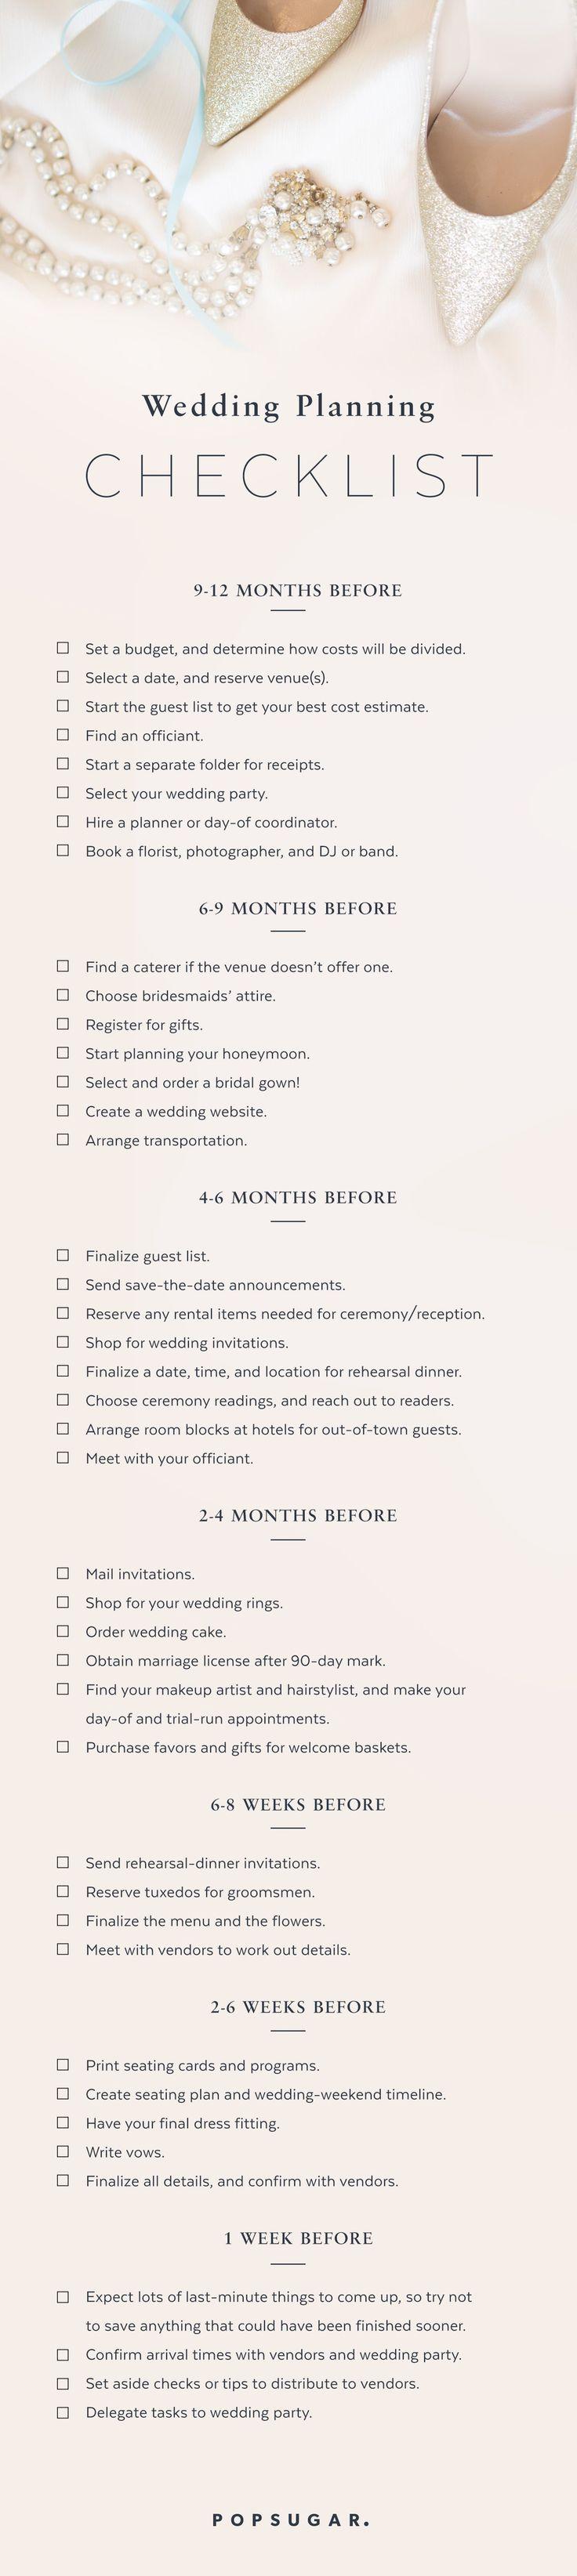 Ein Zeitplan für die Hochzeit. Nützlich, wenn man weiss, was man was machen sollte.